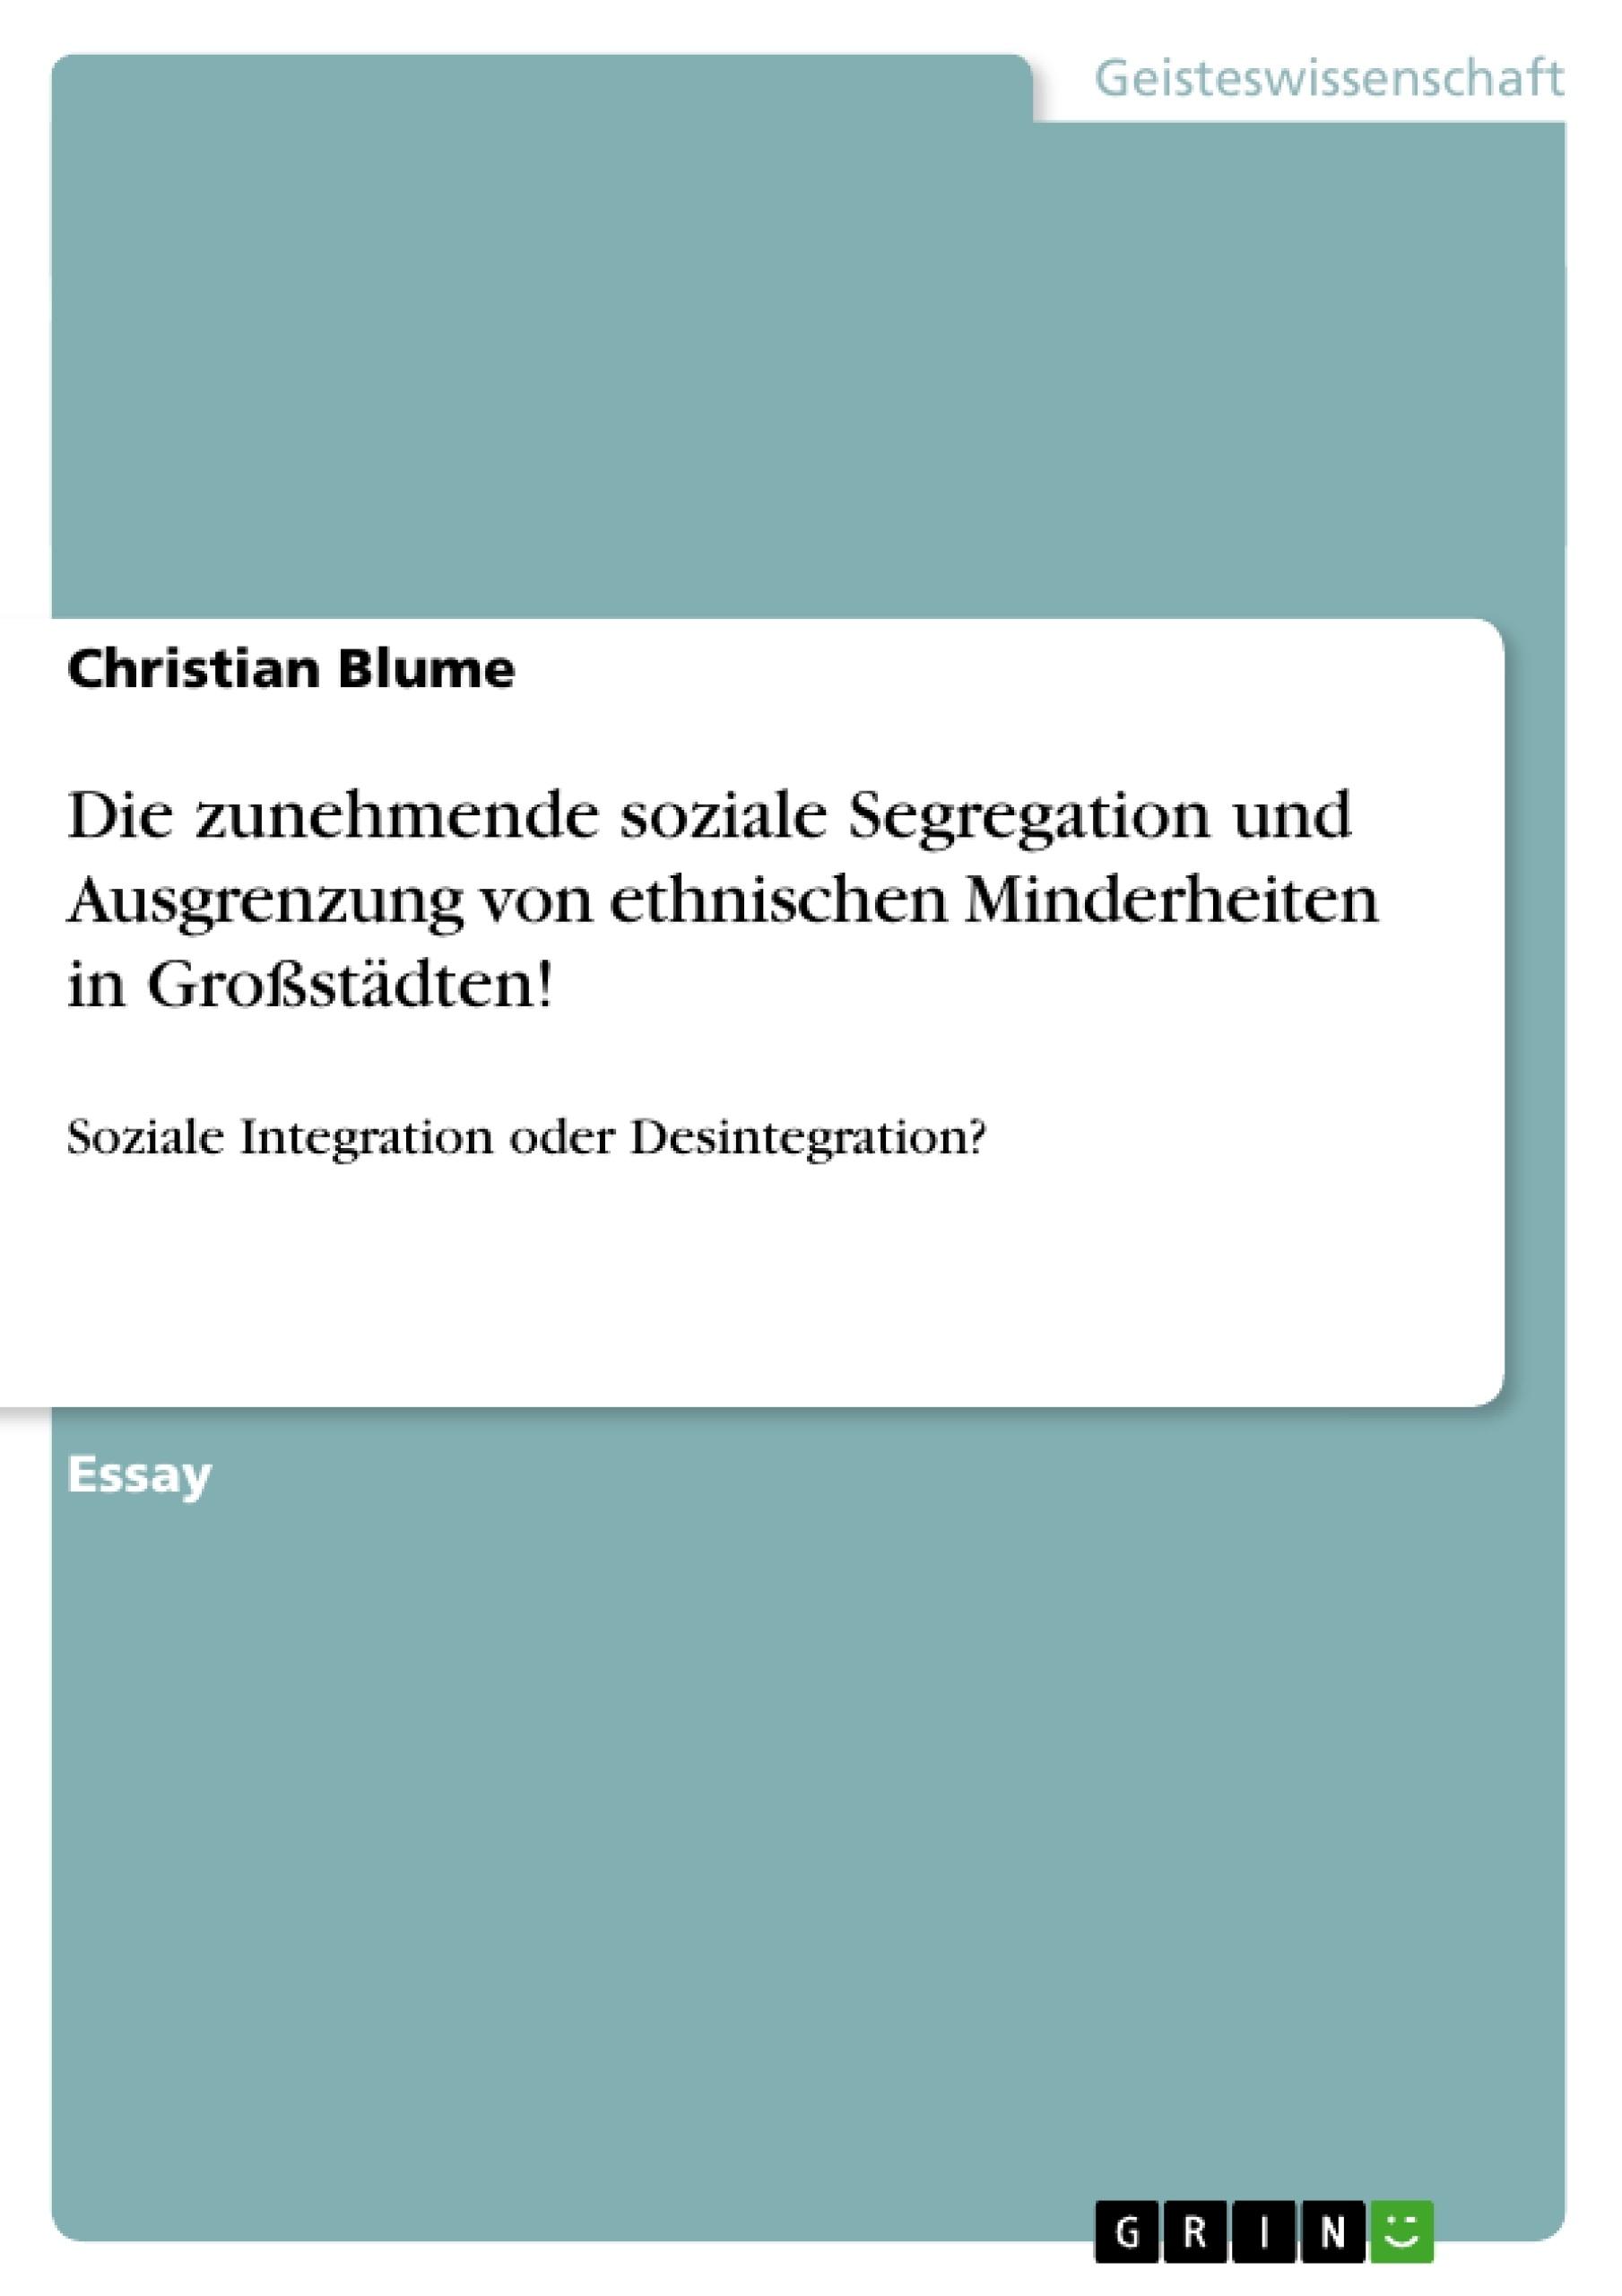 Titel: Die zunehmende soziale Segregation und Ausgrenzung von ethnischen Minderheiten in Großstädten!